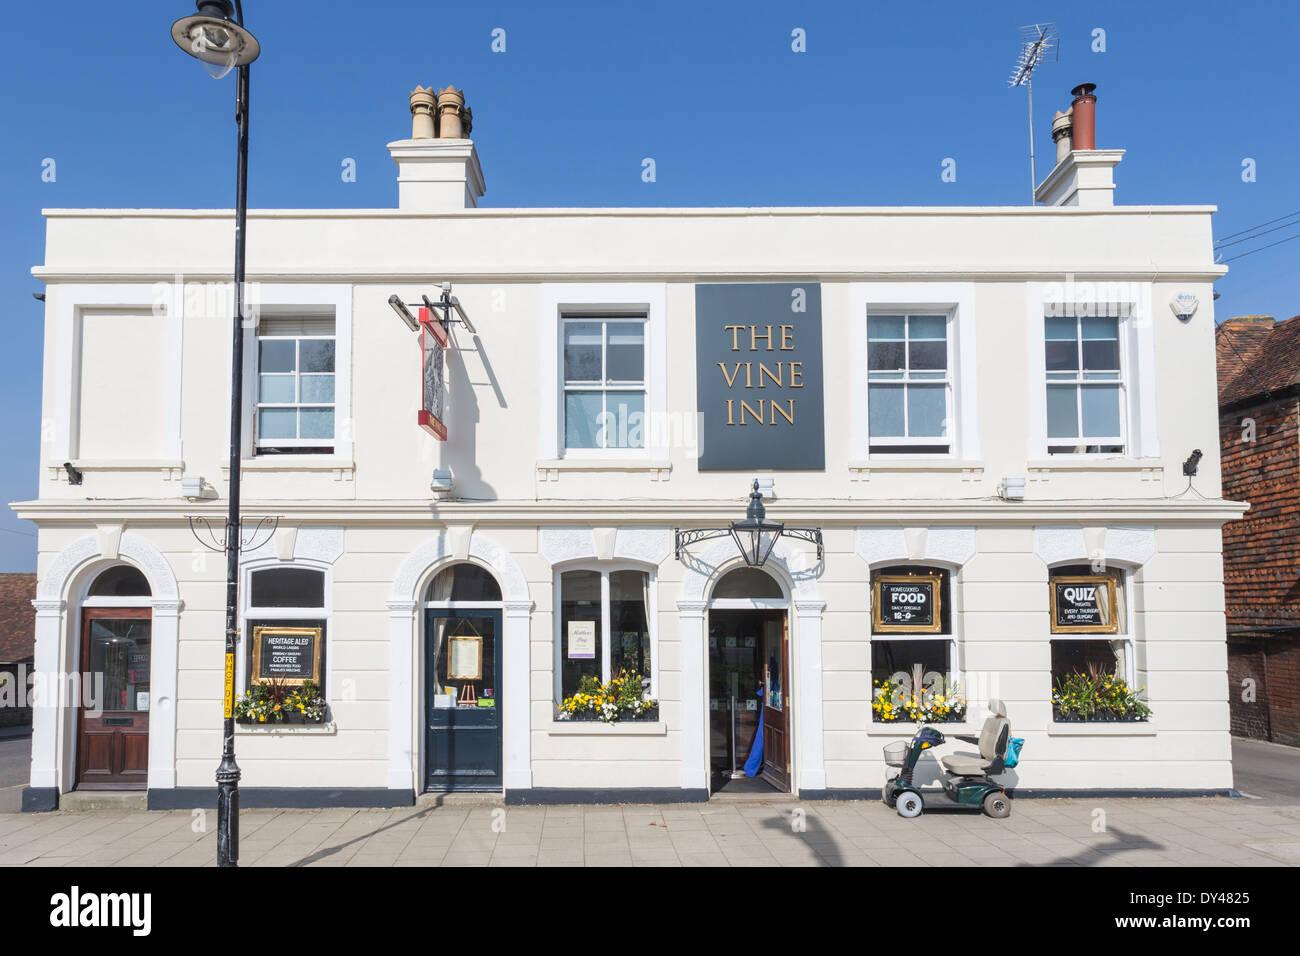 The Vine Inn Tenterden - Stock Image